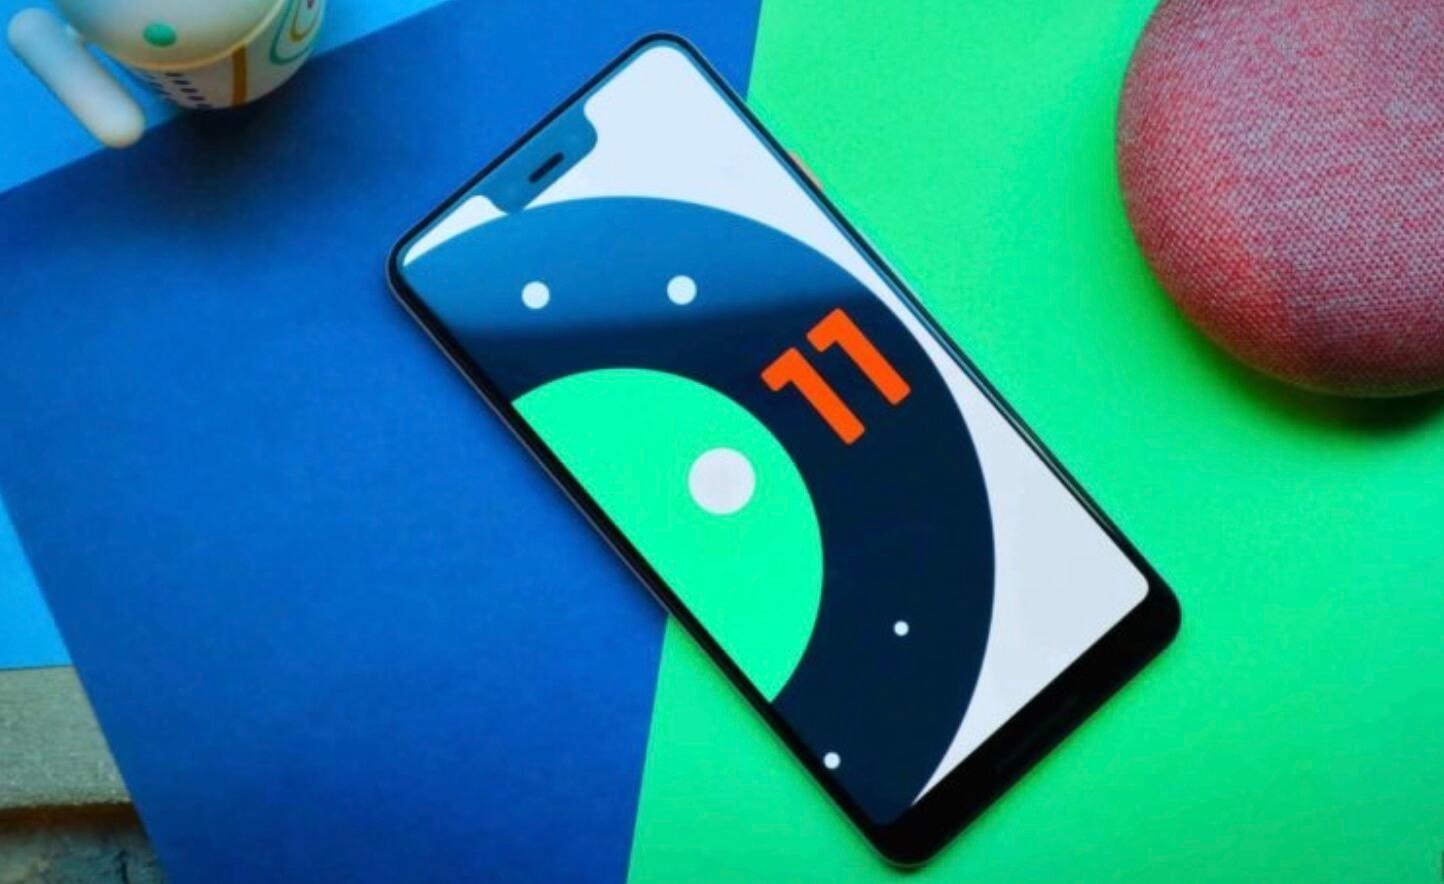 لدى Huawei عام آخر بدون Google ، ومدير Xiaomi مع iPhone: نتائج الأسبوع 6